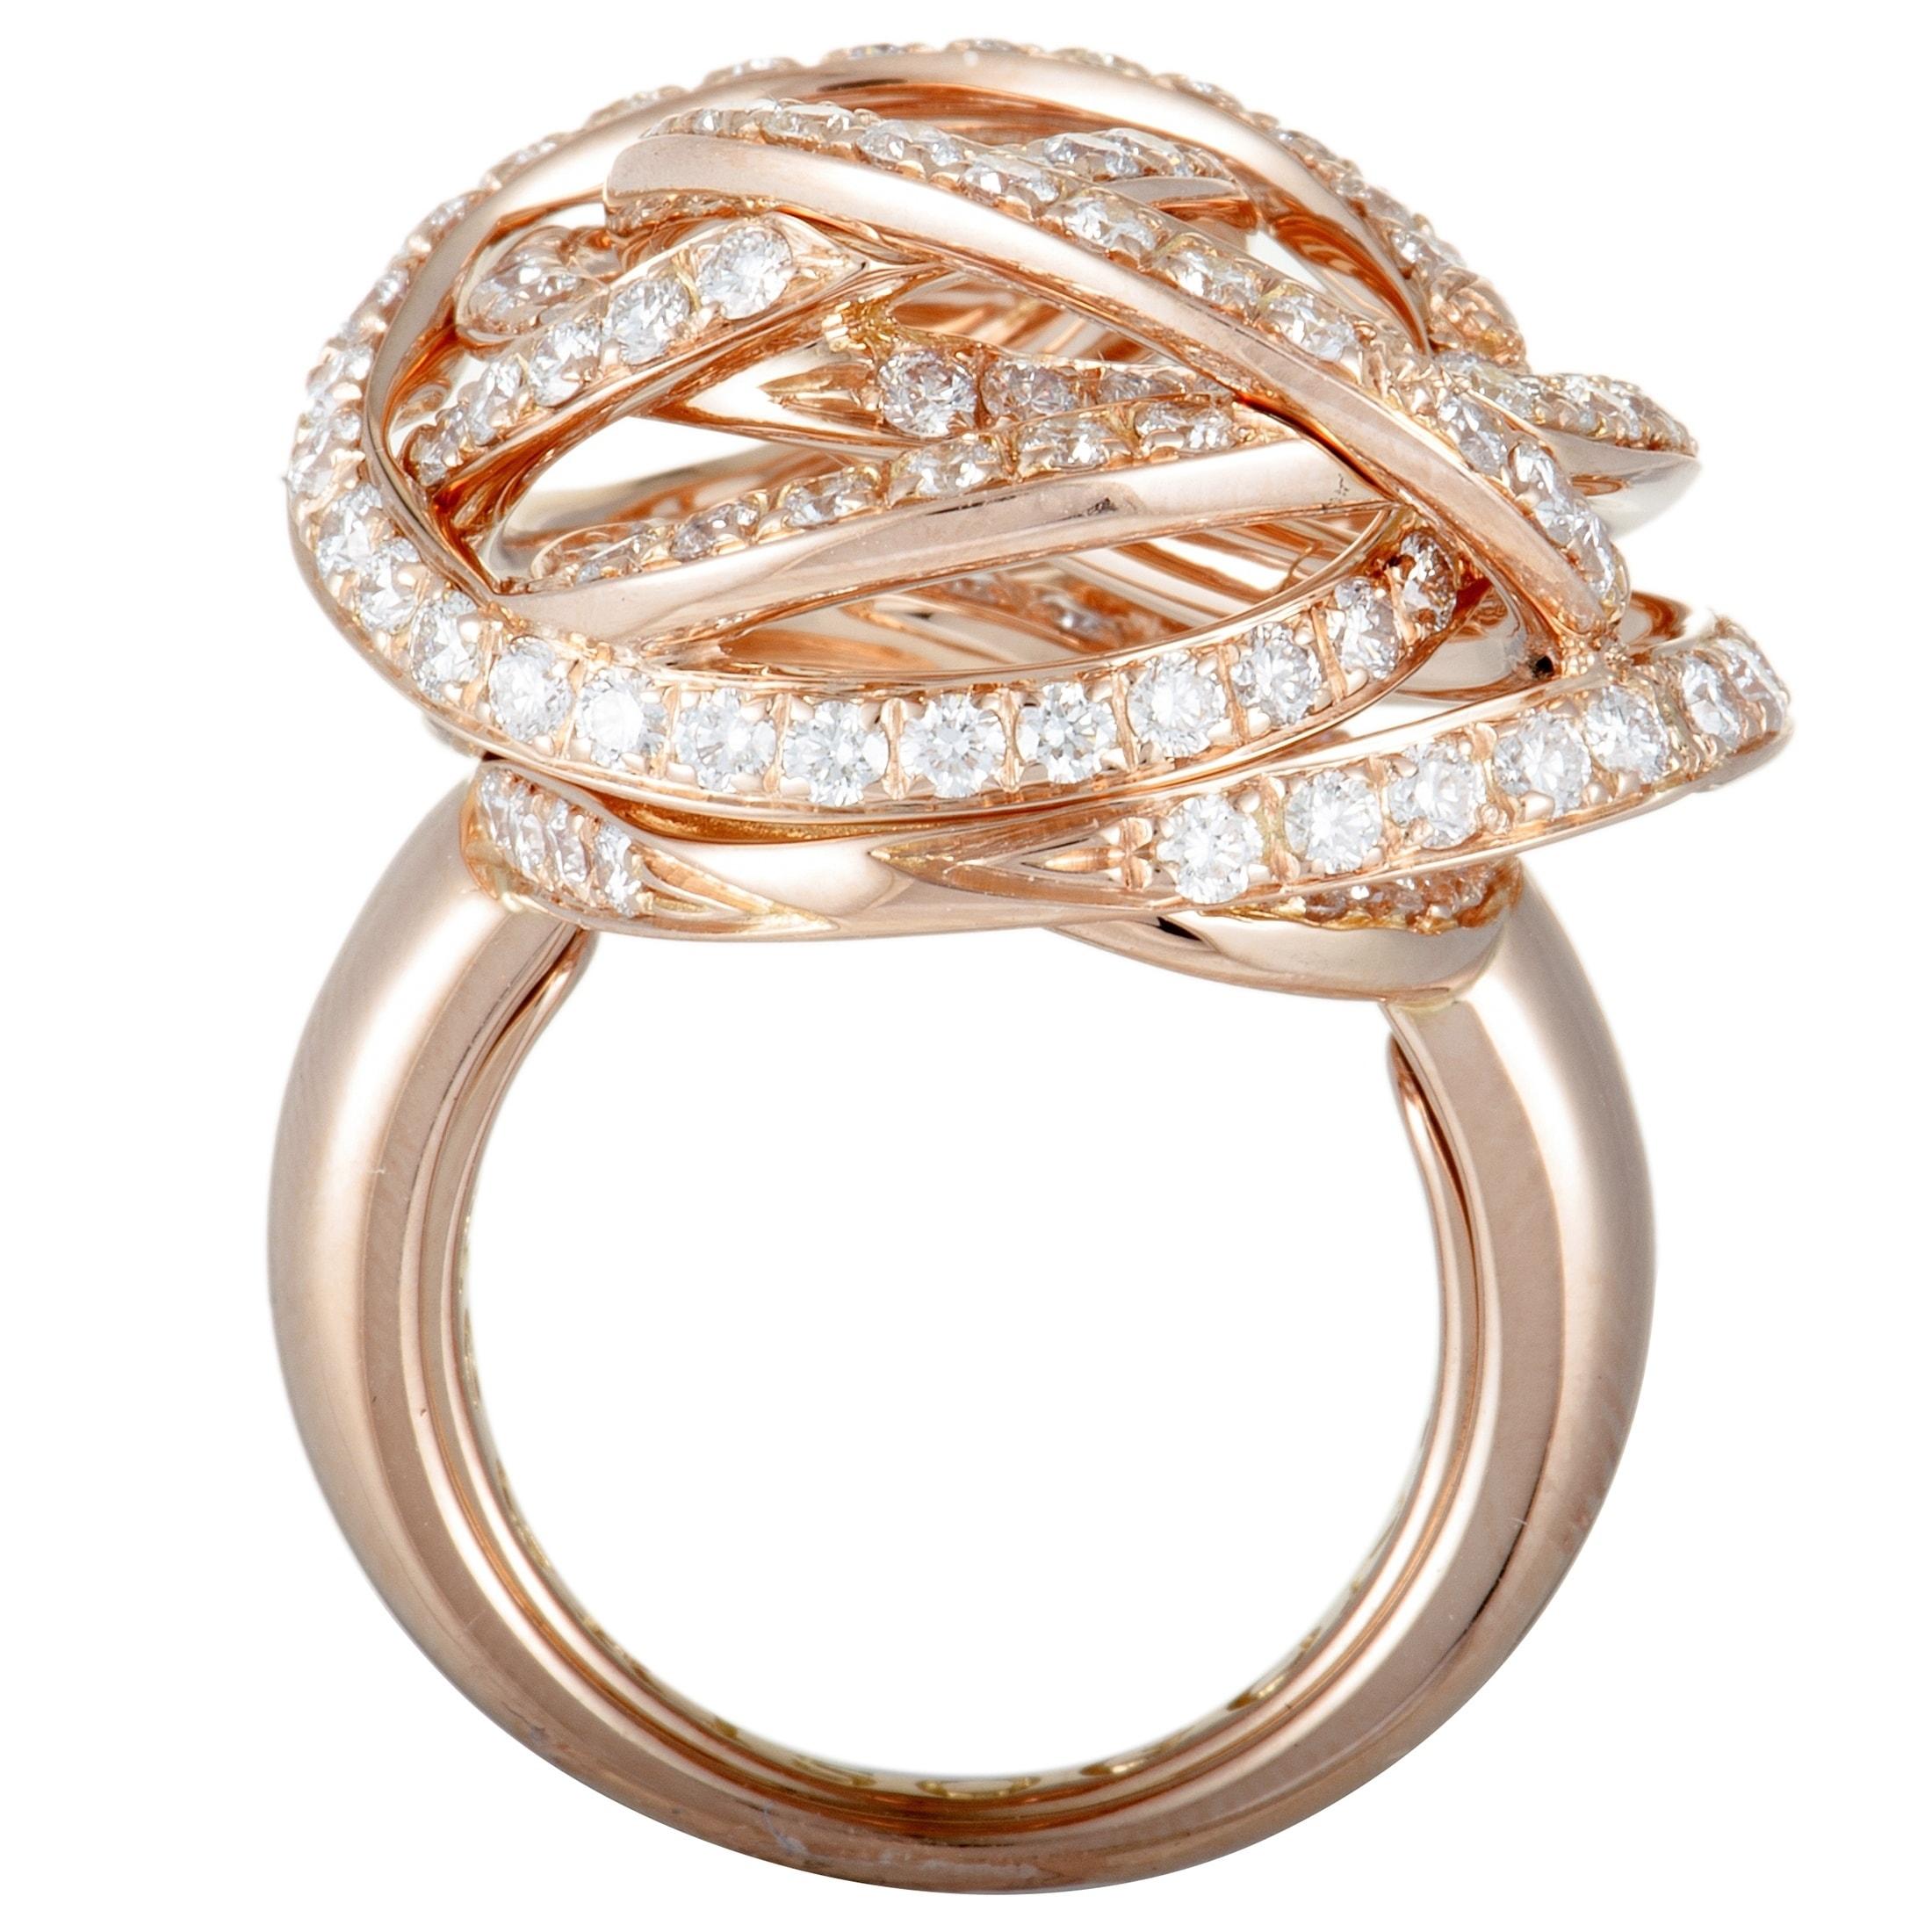 Shop De Grisogono Rose Gold Full Diamond Tangled Swirl Ring Overstock 28265123